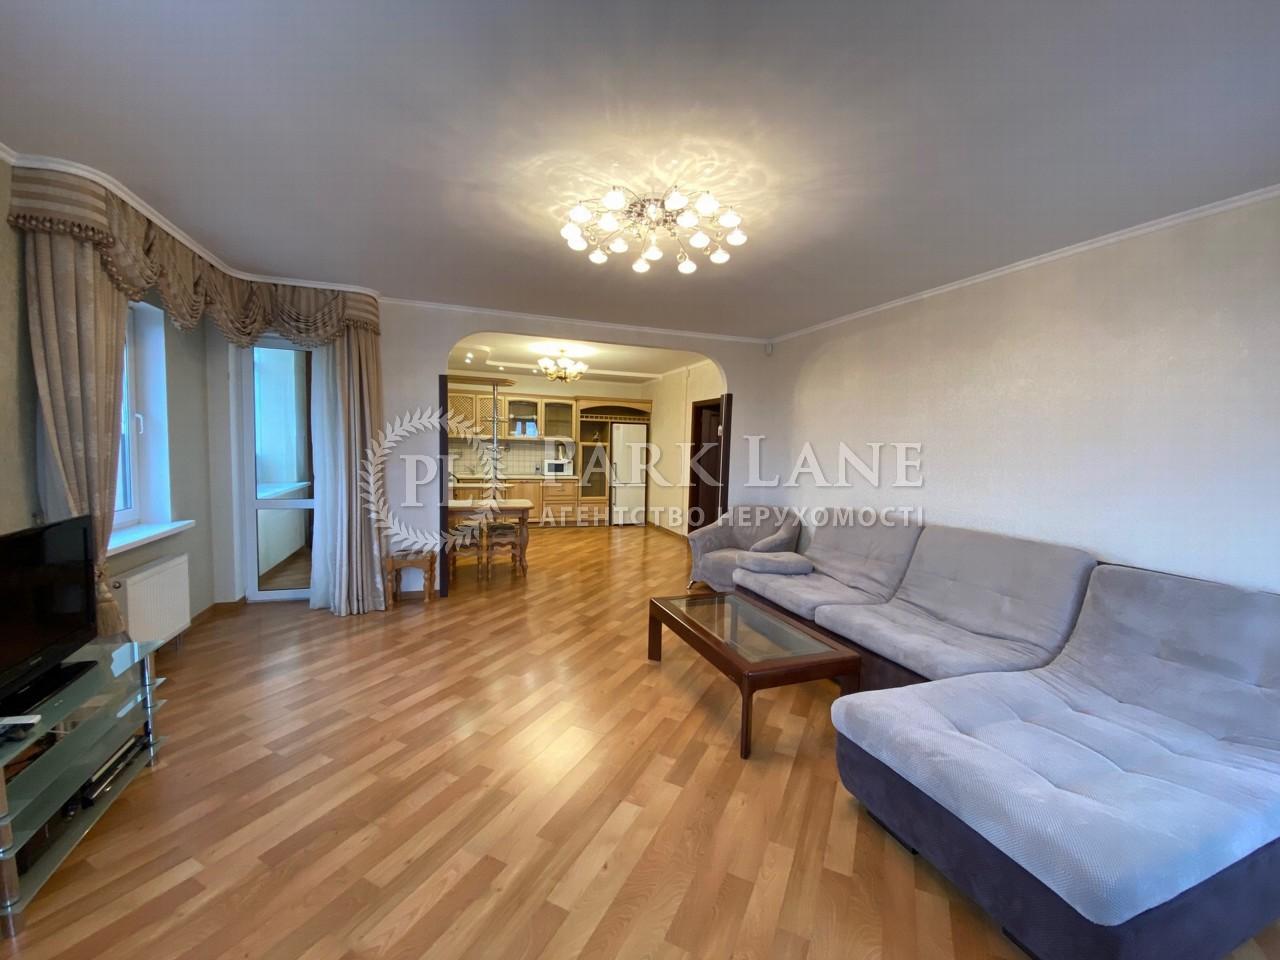 Квартира вул. Дегтярівська, 25а, Київ, B-83865 - Фото 2